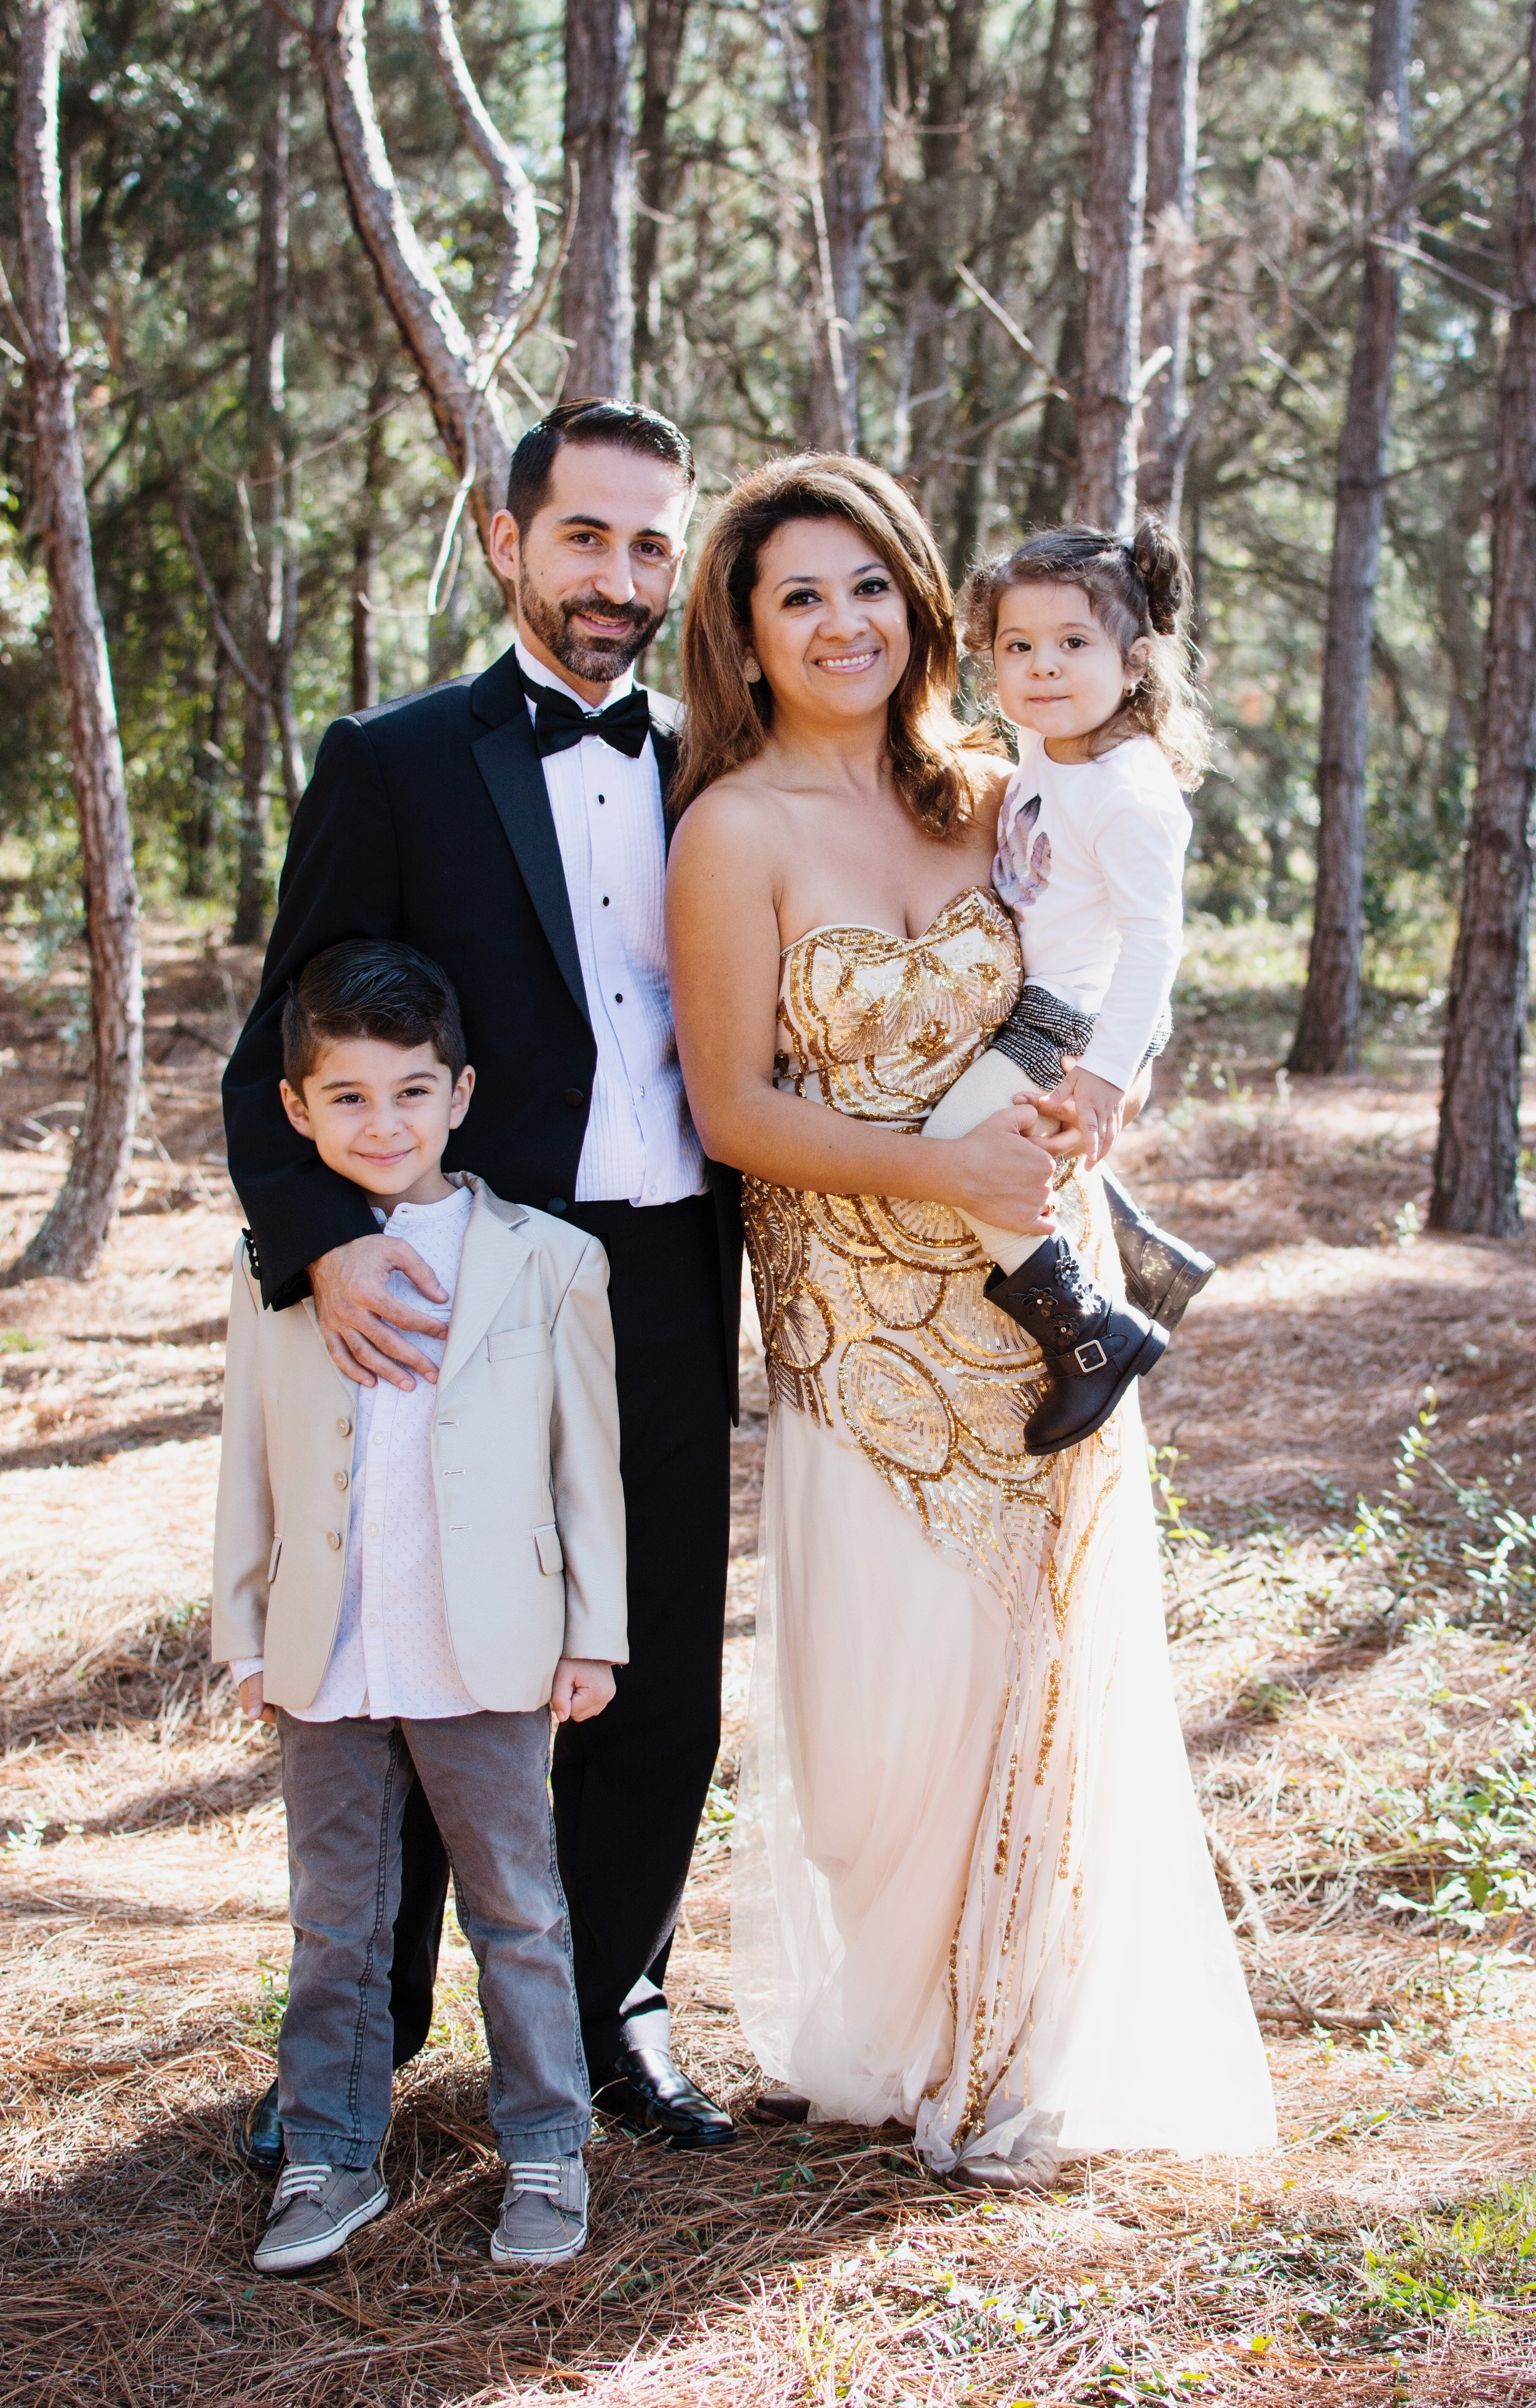 Tampa photographer, Tampa wedding photographer, Fotografo de bodas, Portugal wedding photographer